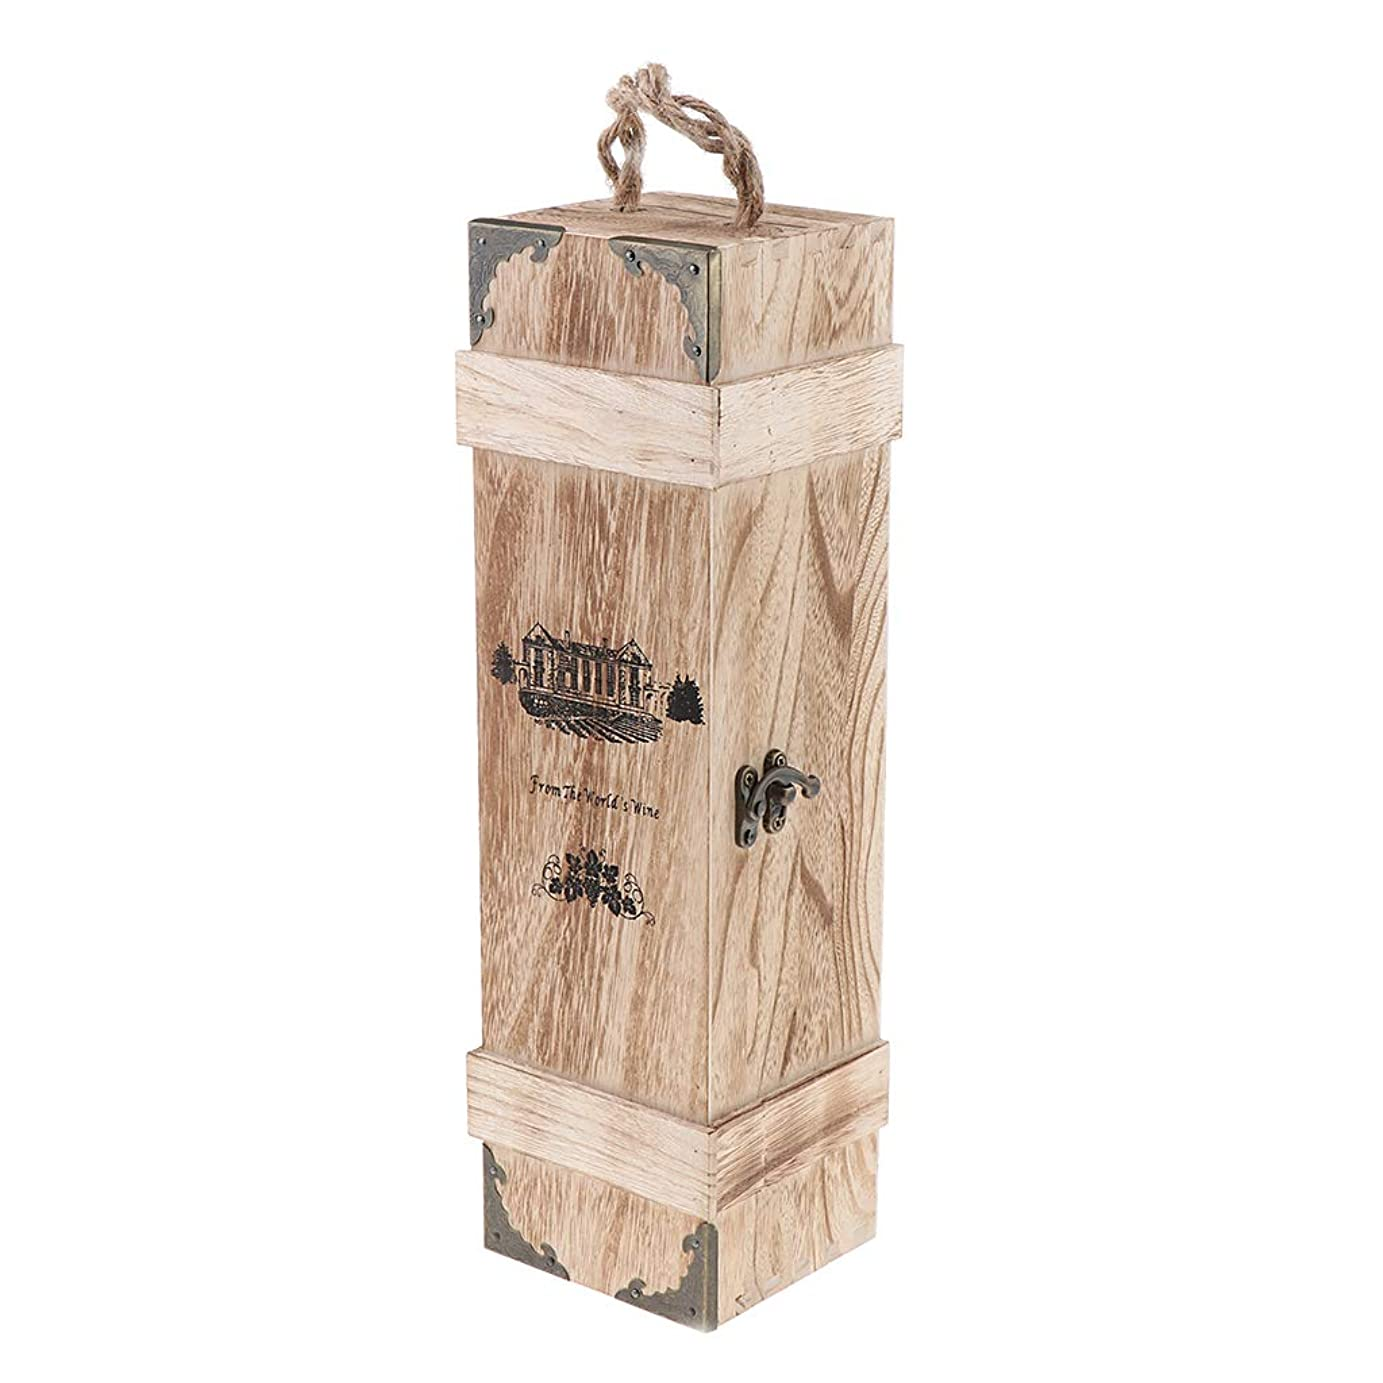 Perfeclan ワインボックス 木製 シングル 赤ワインボックス 収納ギフトボックス